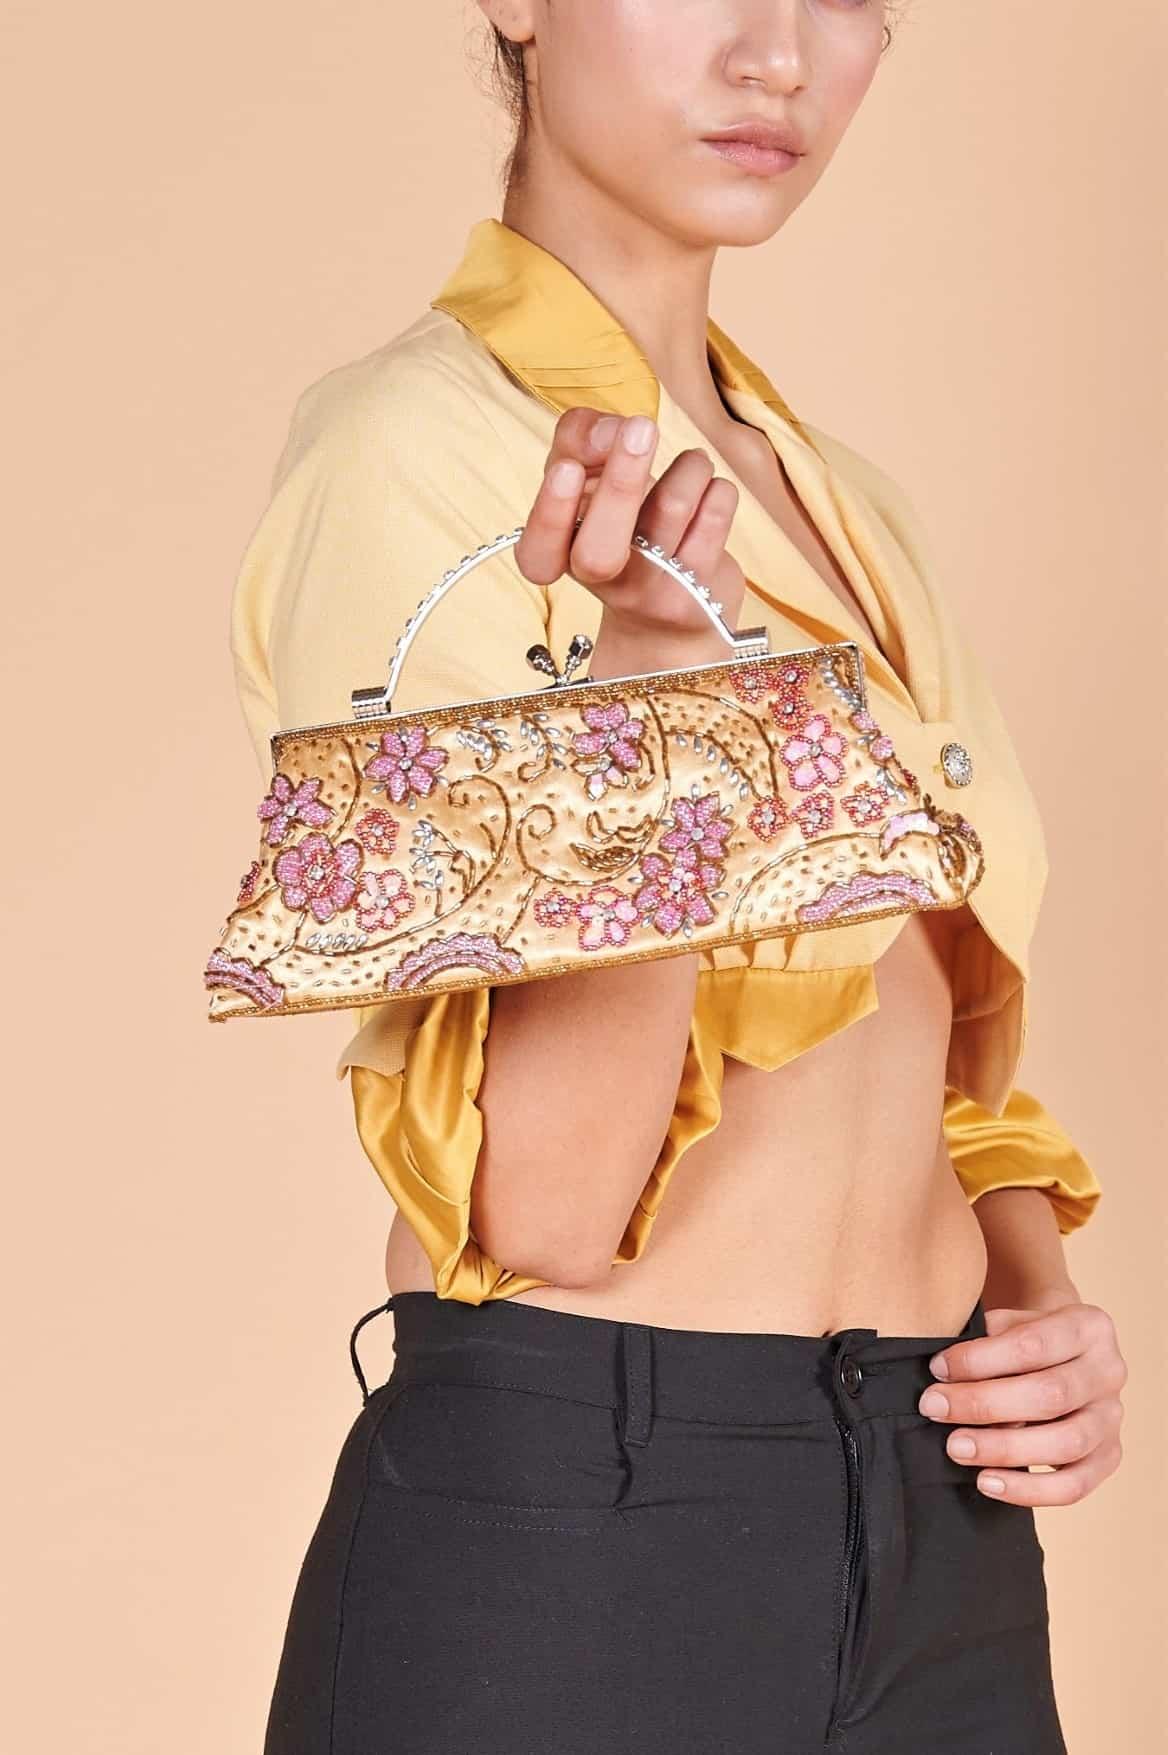 90'lar kumaş payetli pul el işlemesi kumaş kısa metal saplı şık el çantası